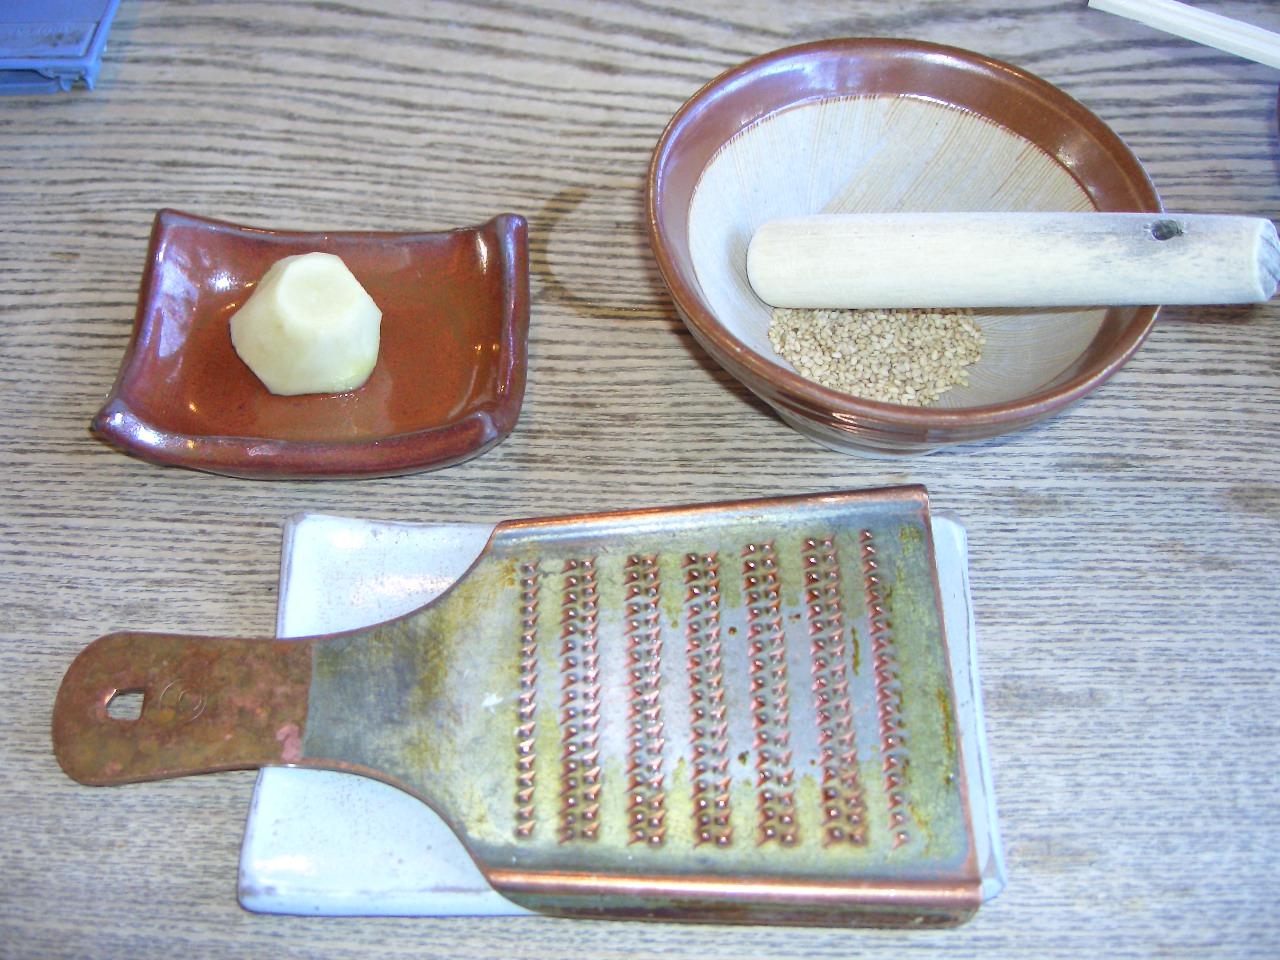 2008.12.8すじかま&ガーデンテラス 001.jpg